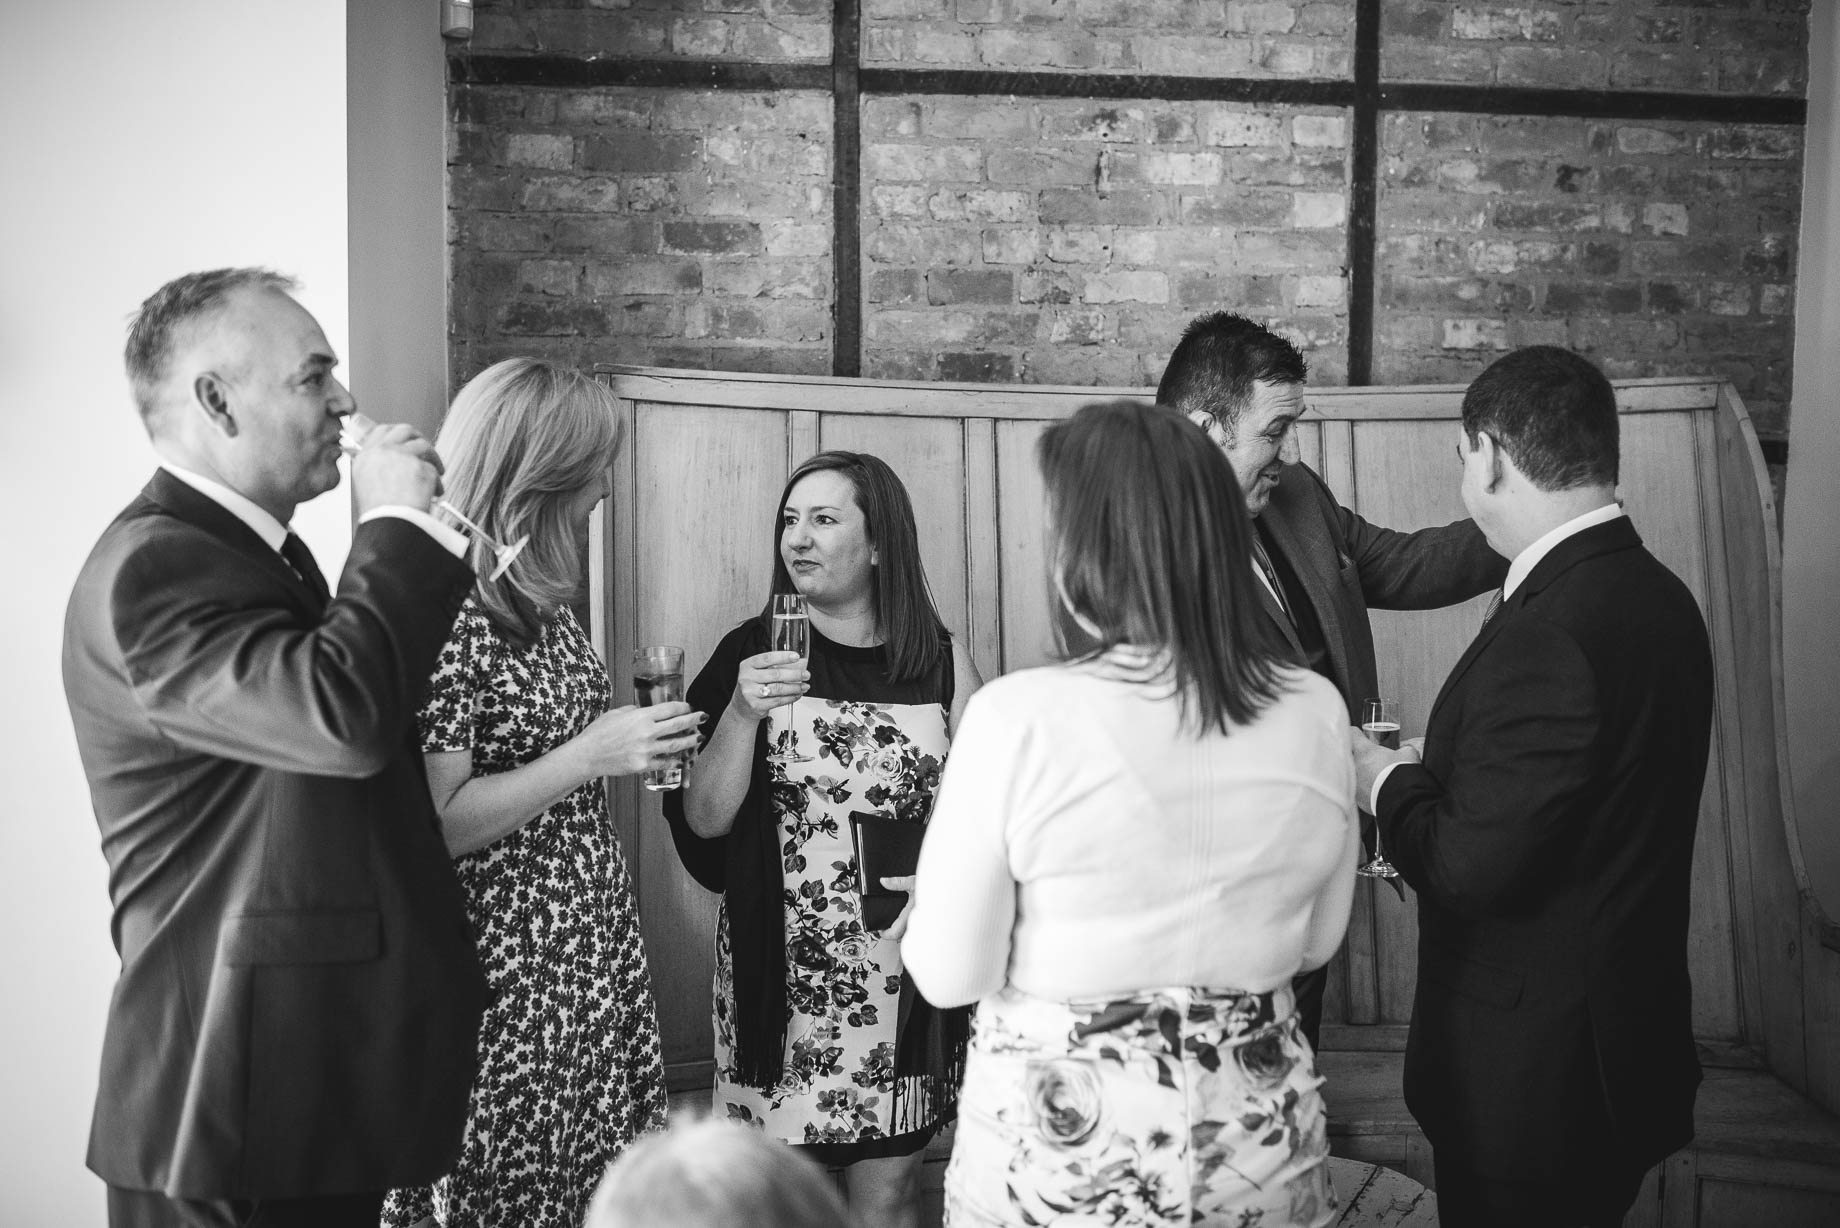 Millbridge Court Wedding Photography - Lisa and Daniel (76 of 173)